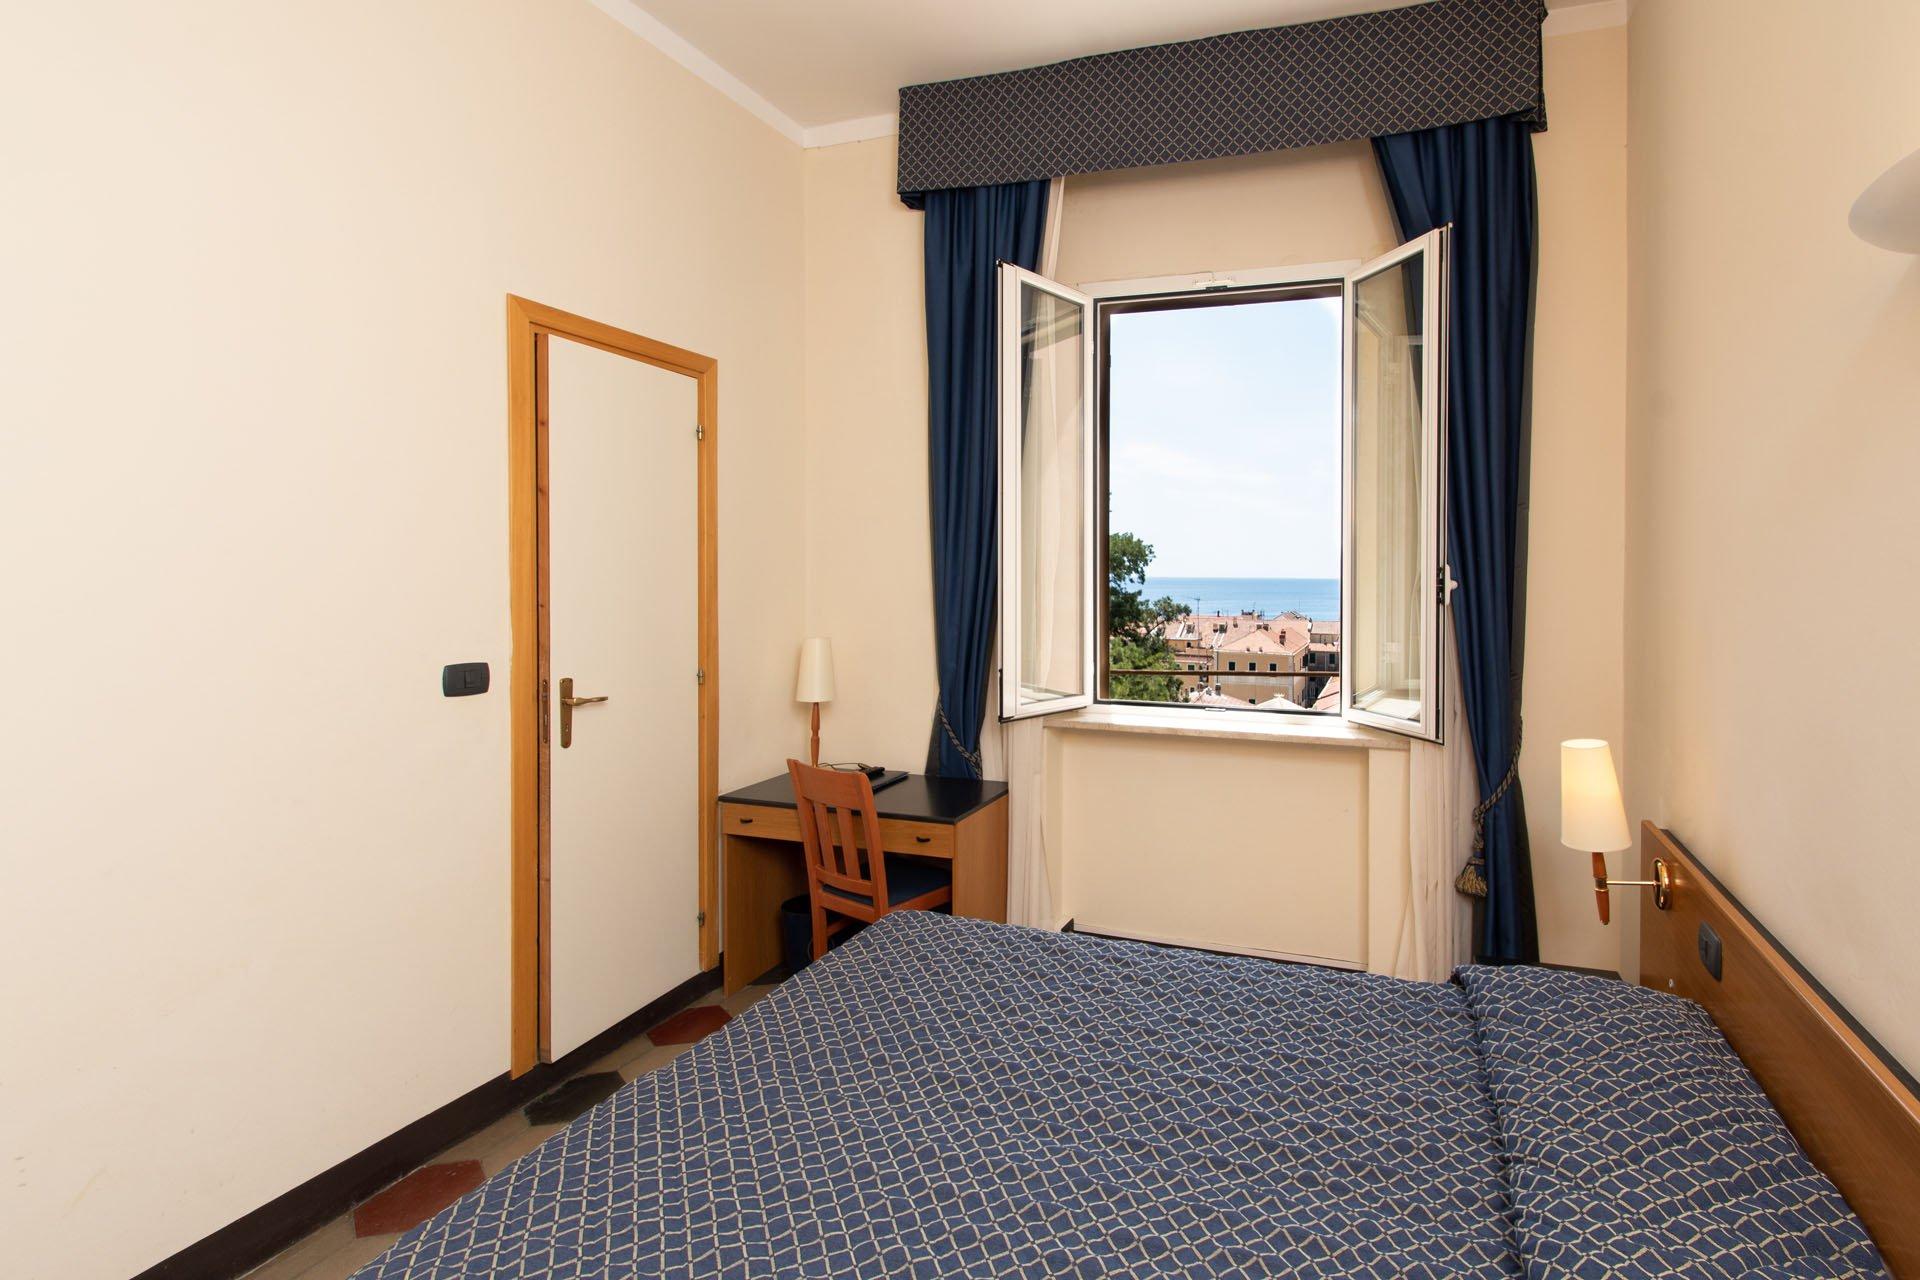 Camera con vista San-Giuseppe